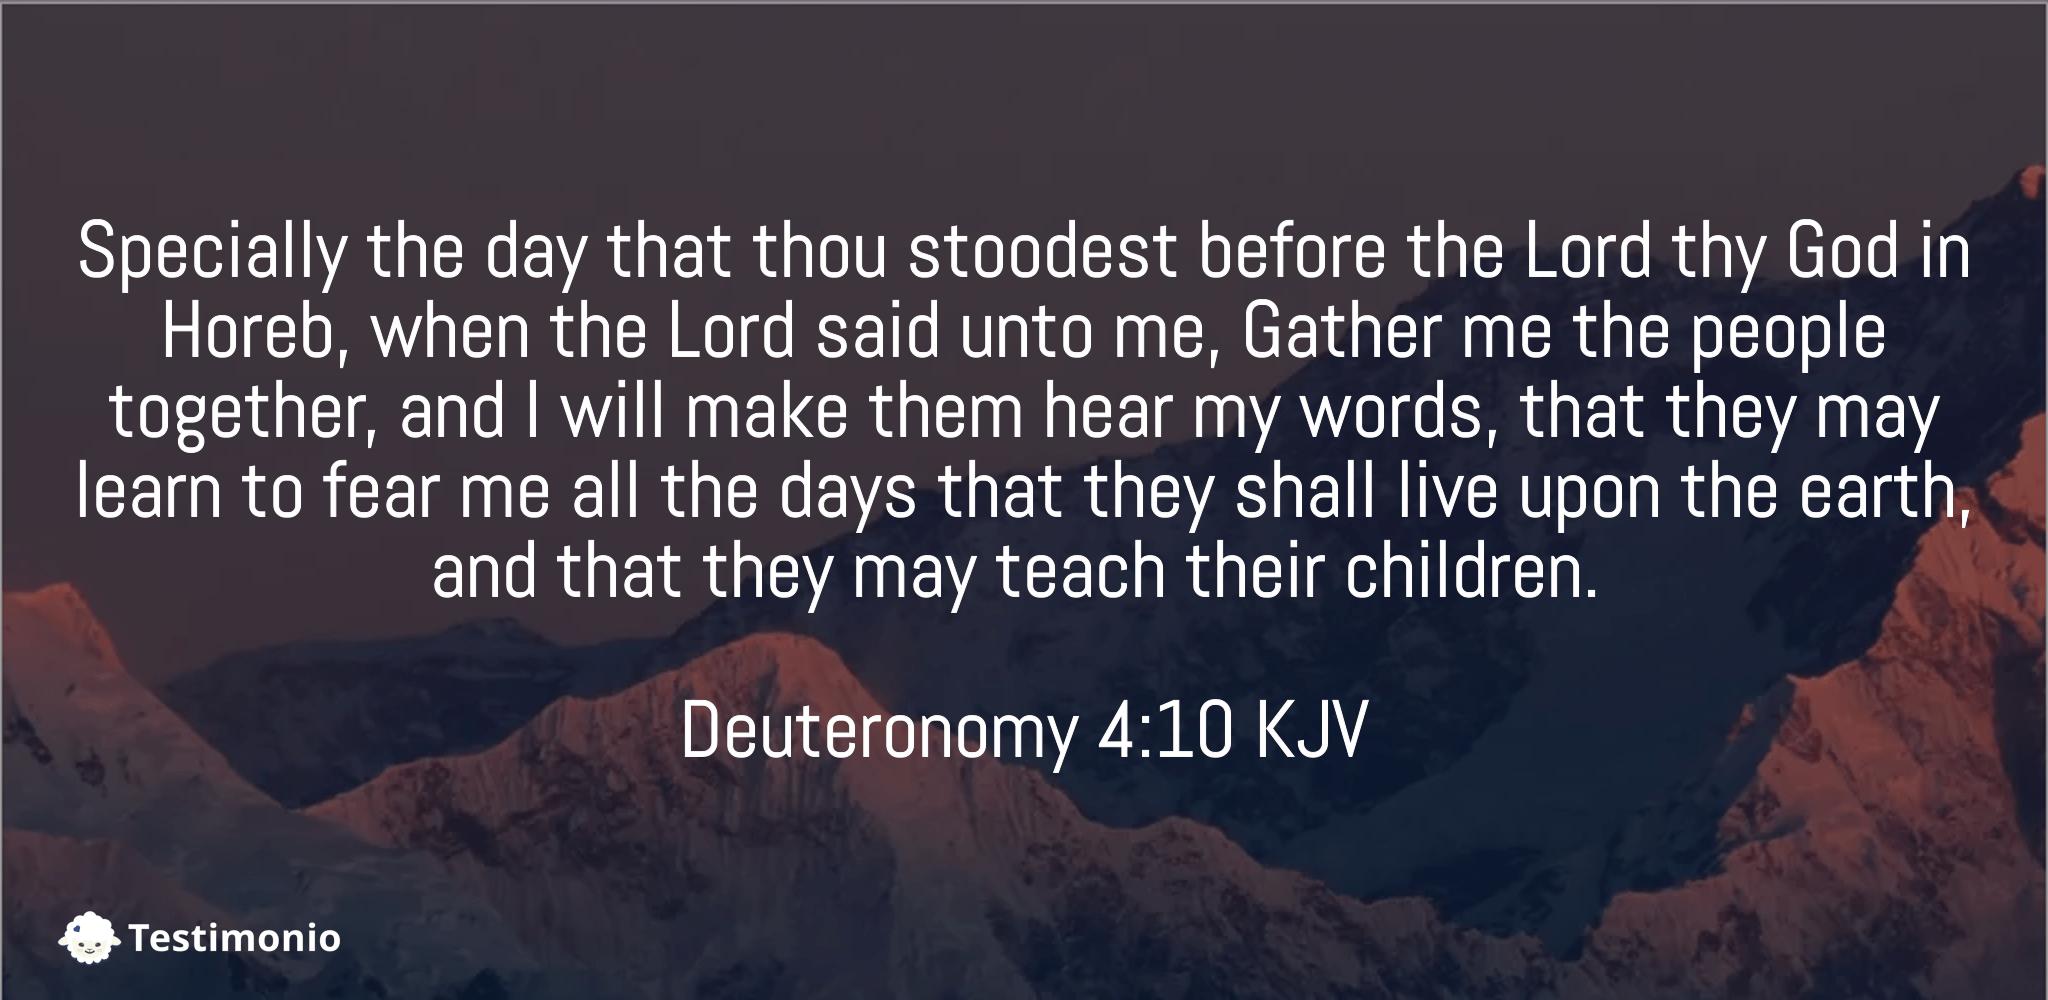 Deuteronomy 4:10